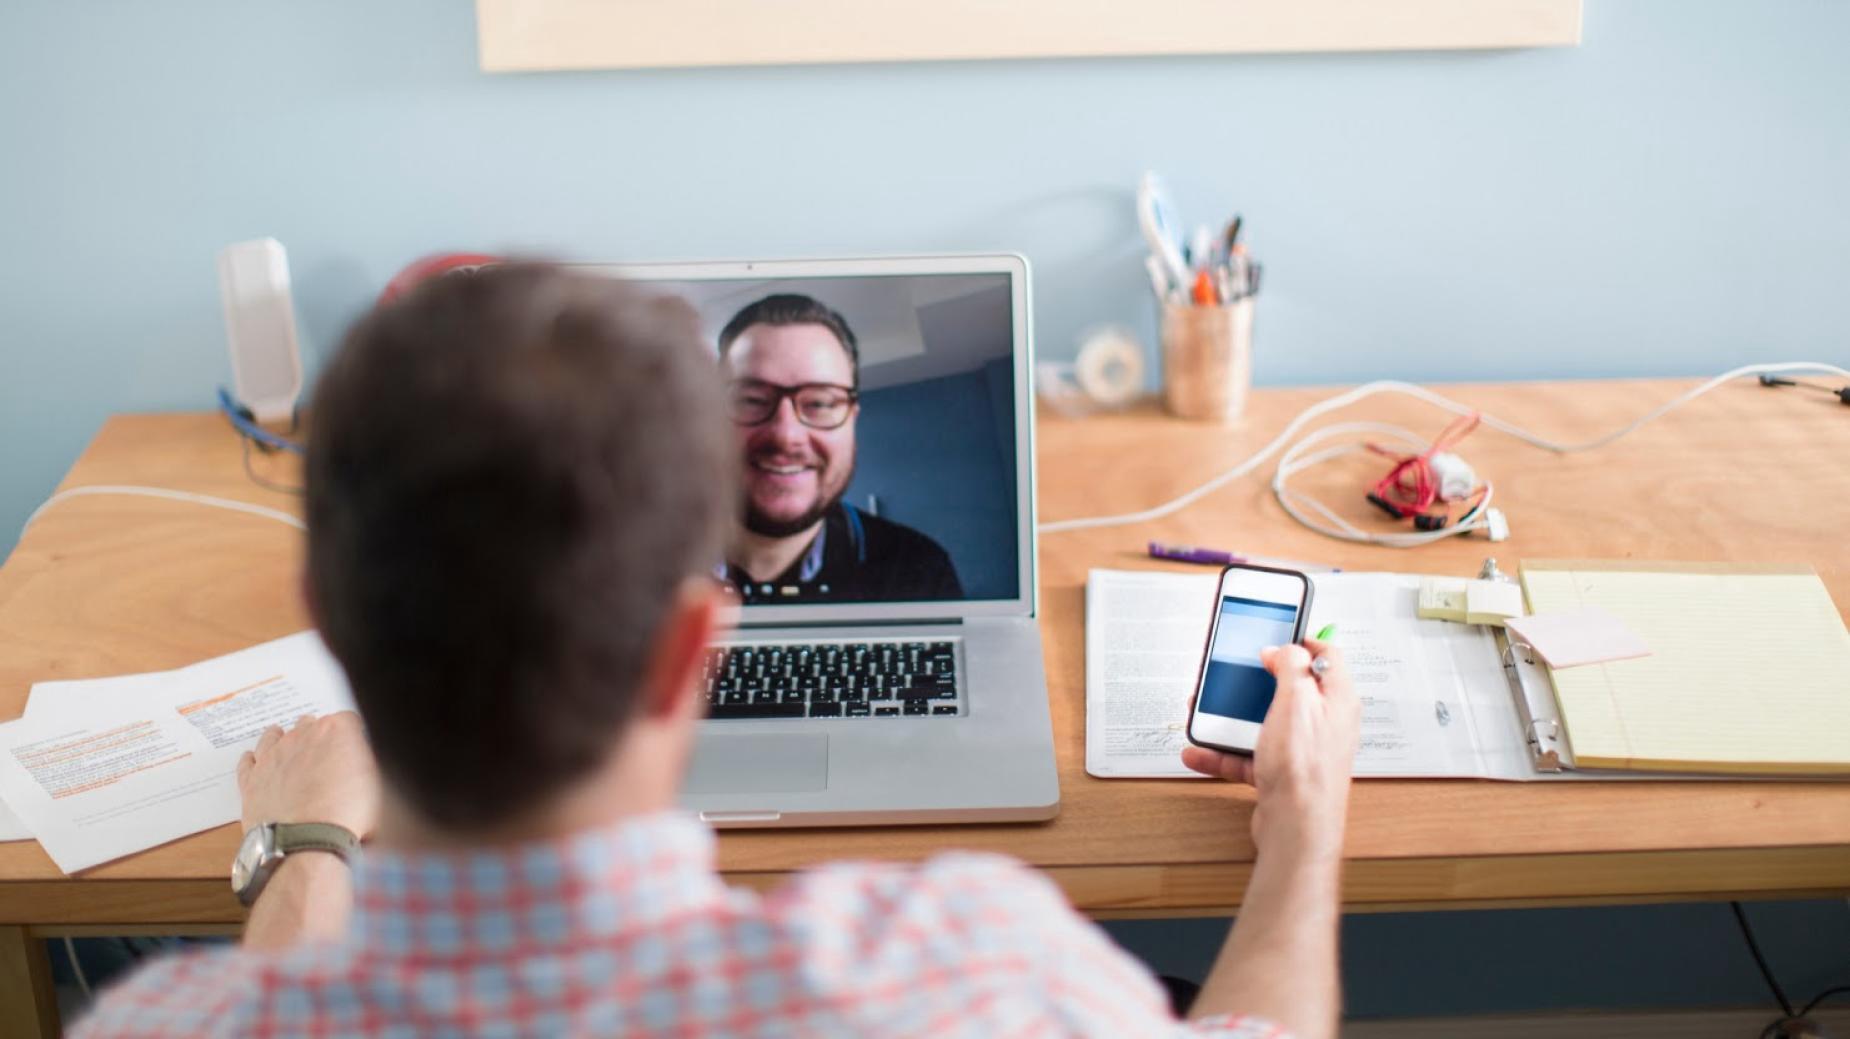 bekerja online video conference